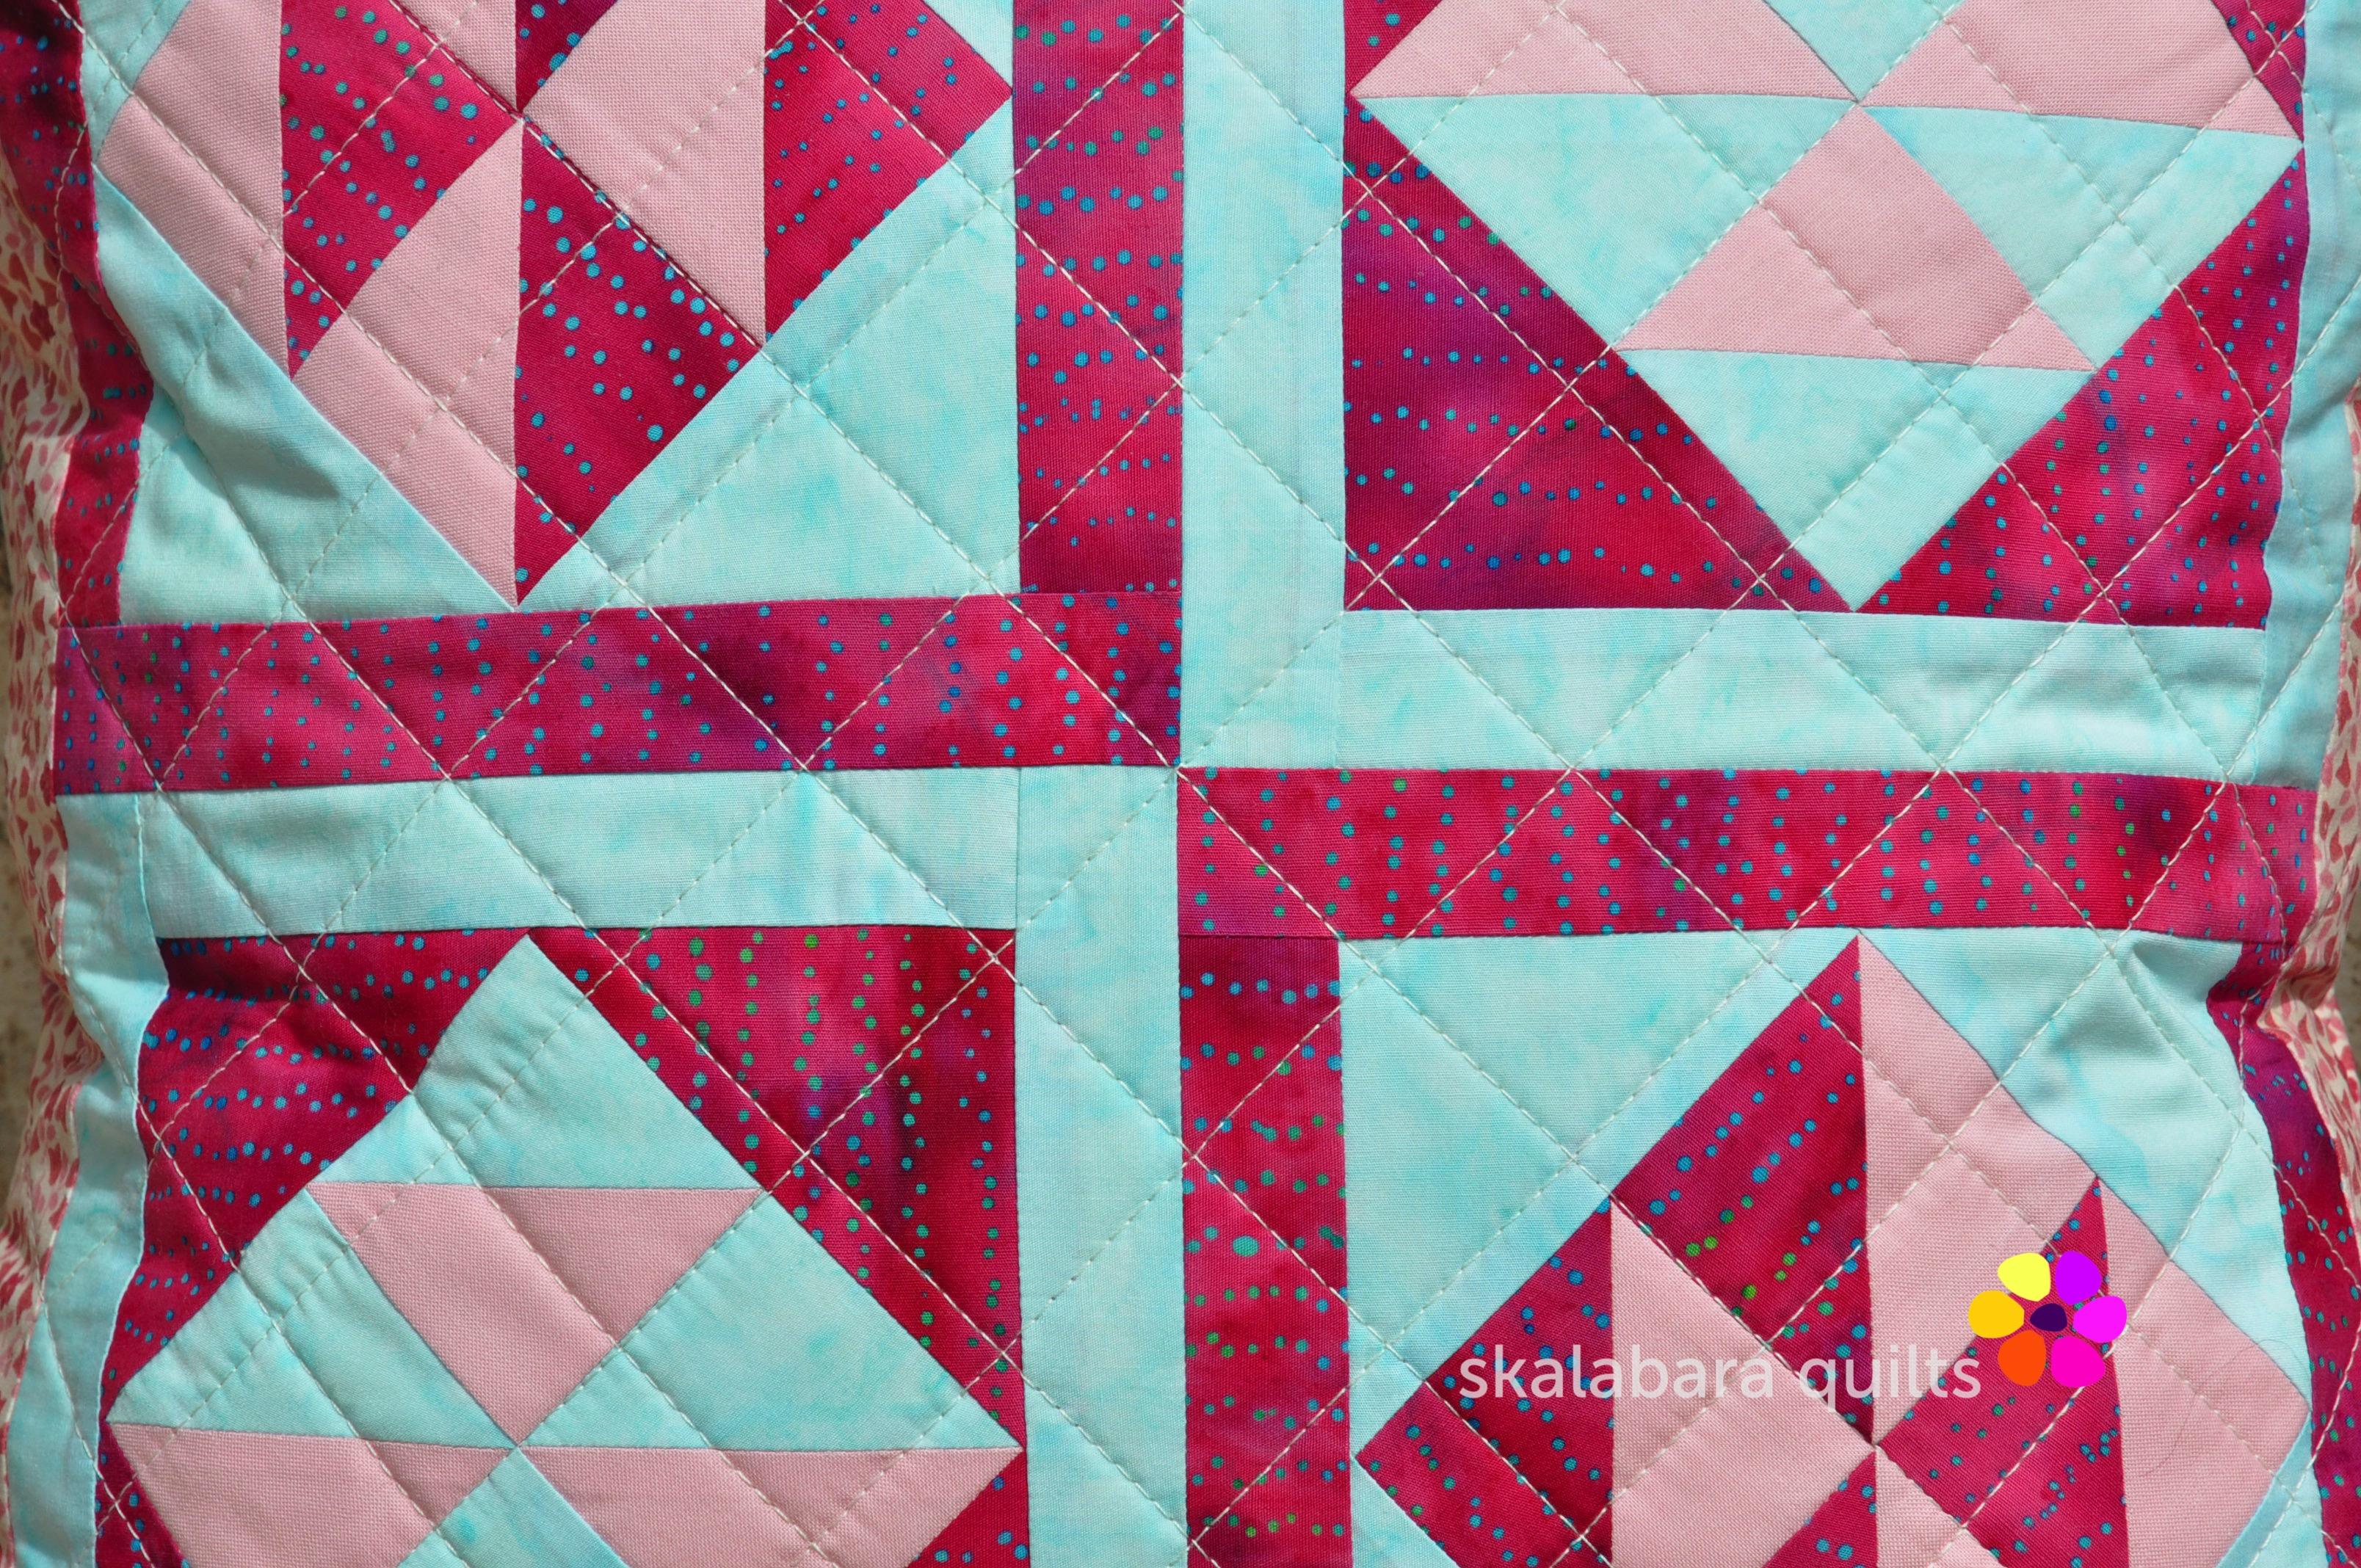 broken dishes cushions detail 1 - skalabara quilts